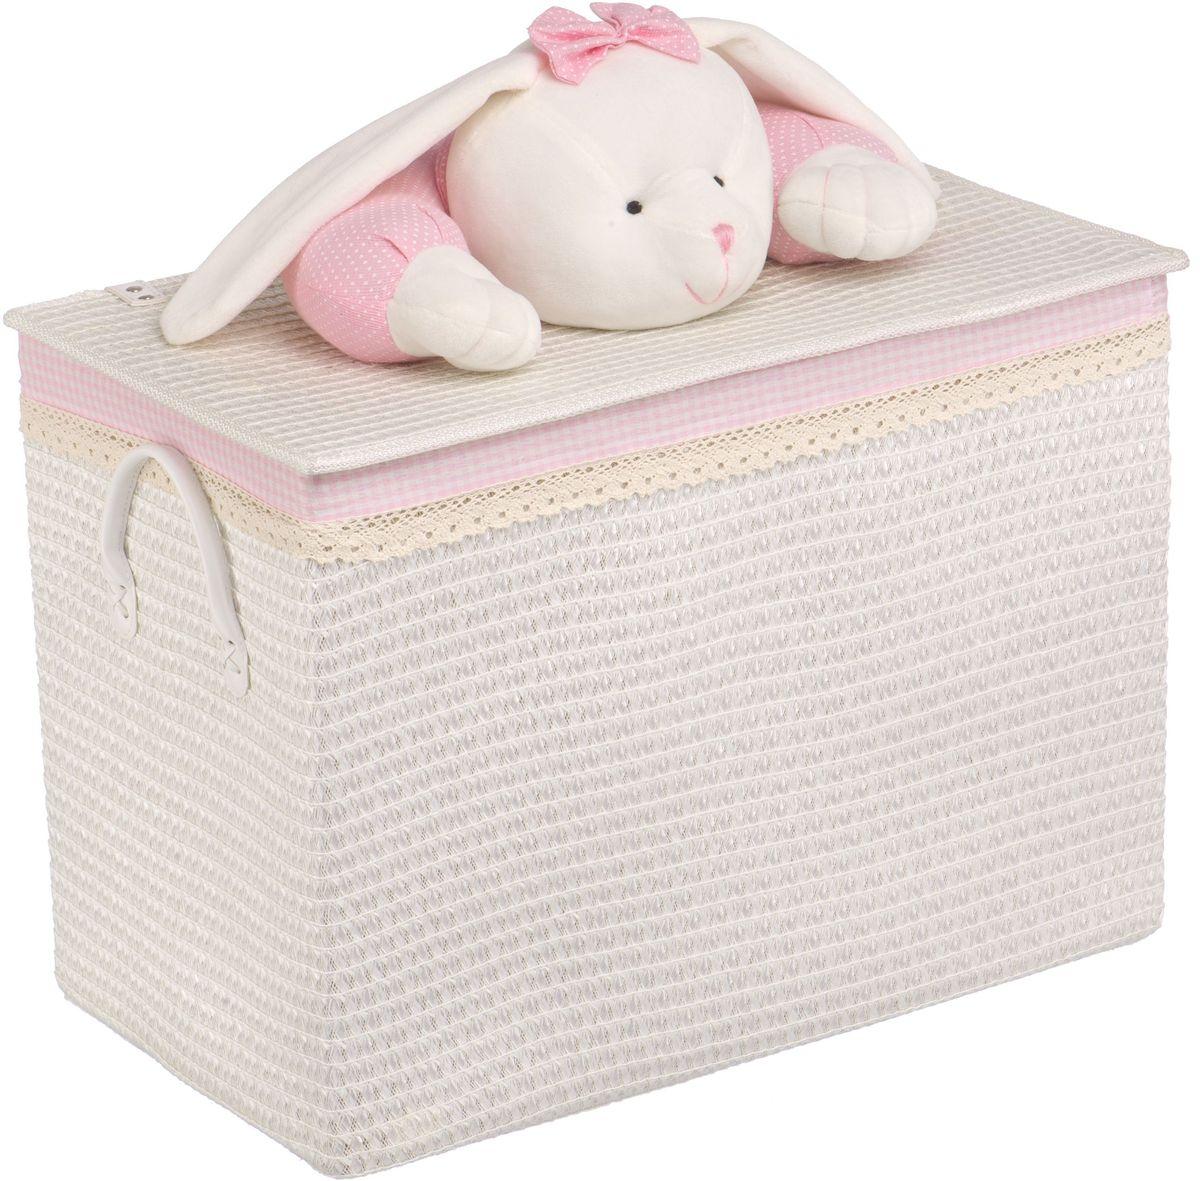 Корзина для белья Natural House Зайчик, цвет: белый, 55 x 32 x 40 смEW-07 SБельевая корзина Natural House с игрушкой Зайчик отлично подойдет для детской. Корзина с мягкой игрушкой способна оживить обстановку и создать атмосферу добра и благополучия в любом помещении. В корзине легко и удобно хранить игрушки, белье и другие предметы.